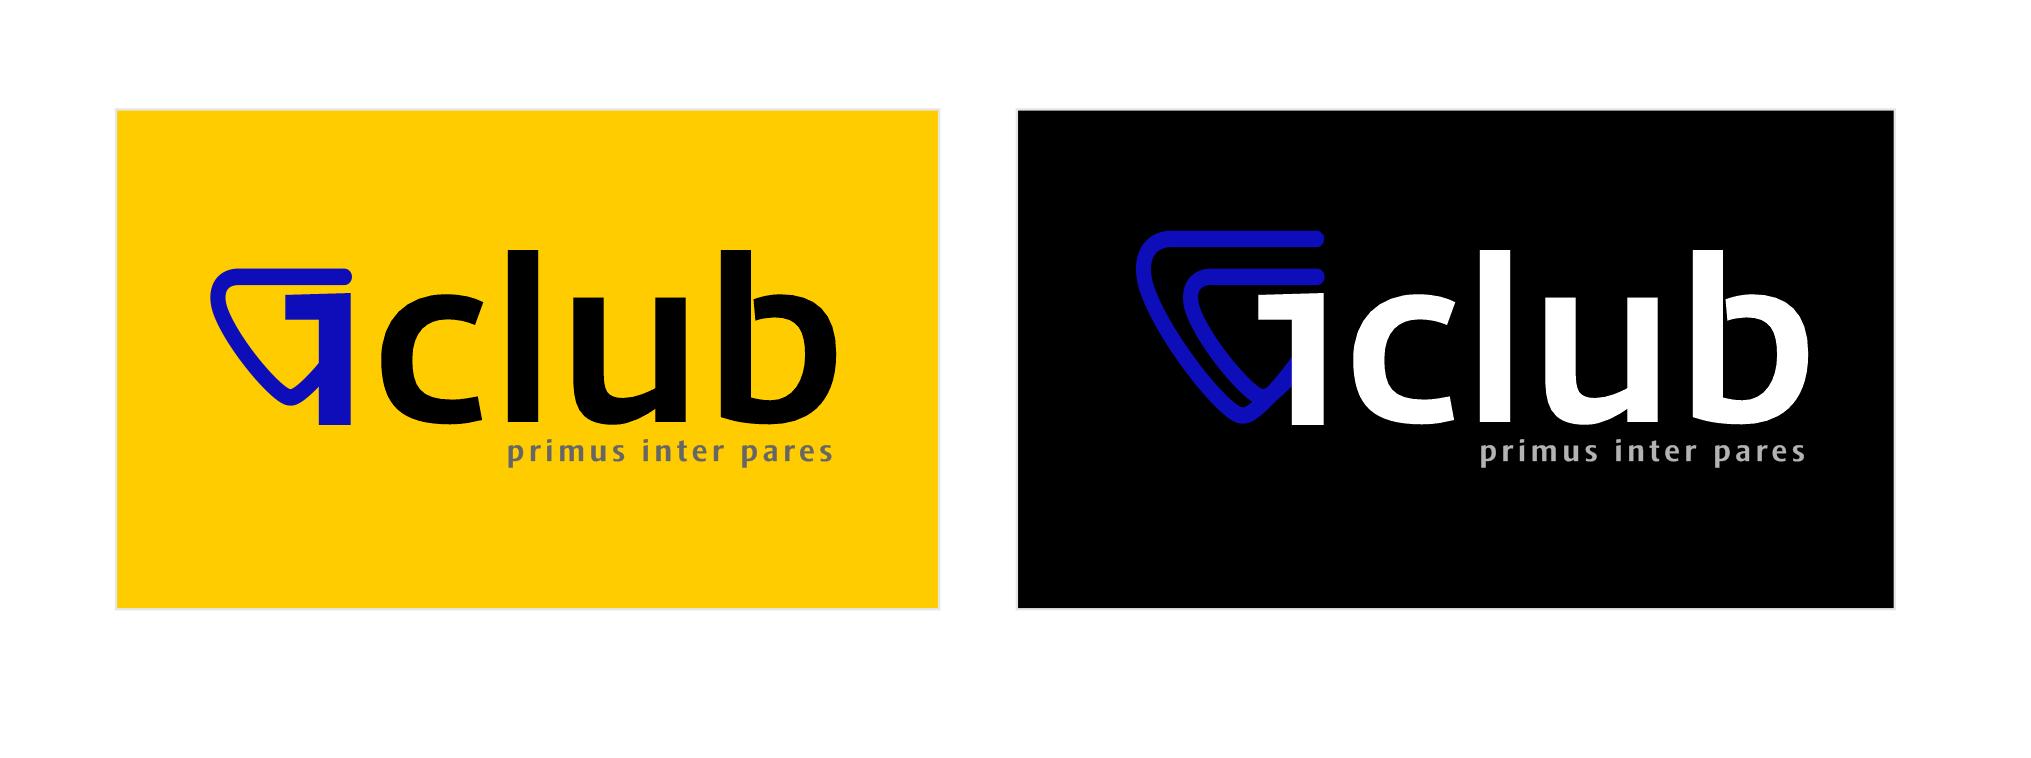 Логотип делового клуба фото f_9635f8469880587e.jpg